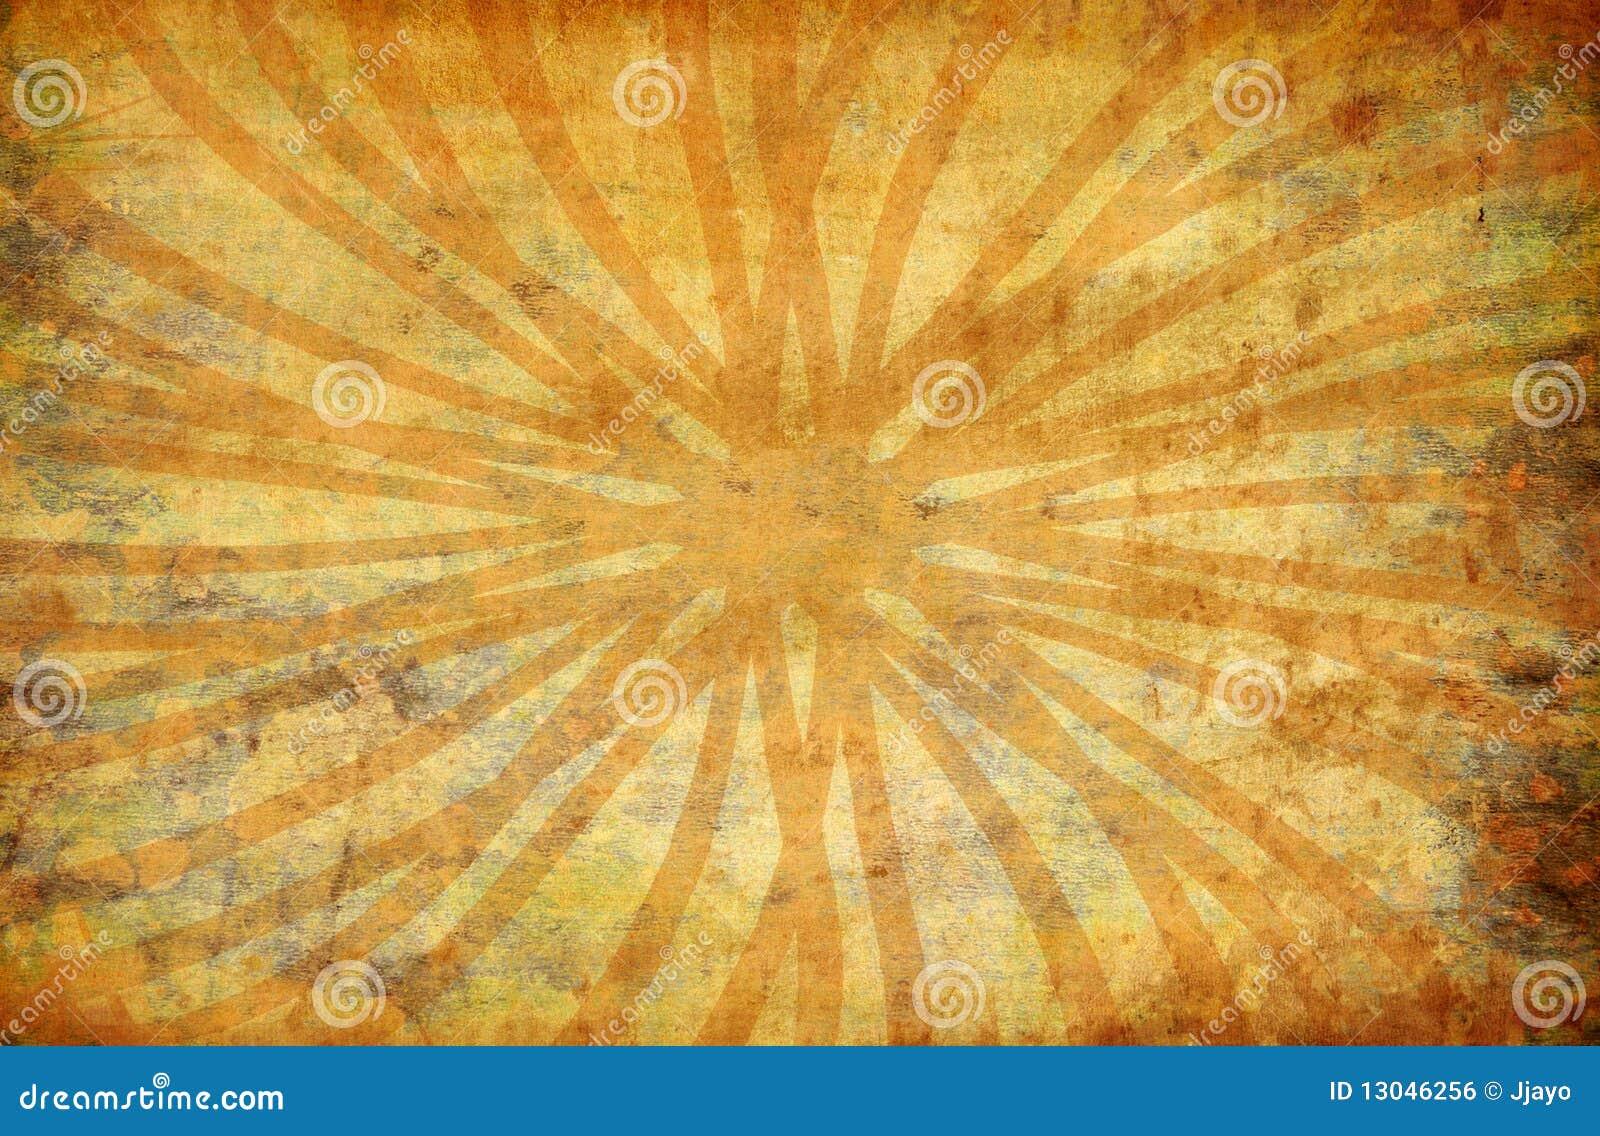 Fondo amarillo del grunge de la vendimia con los rayos del sol